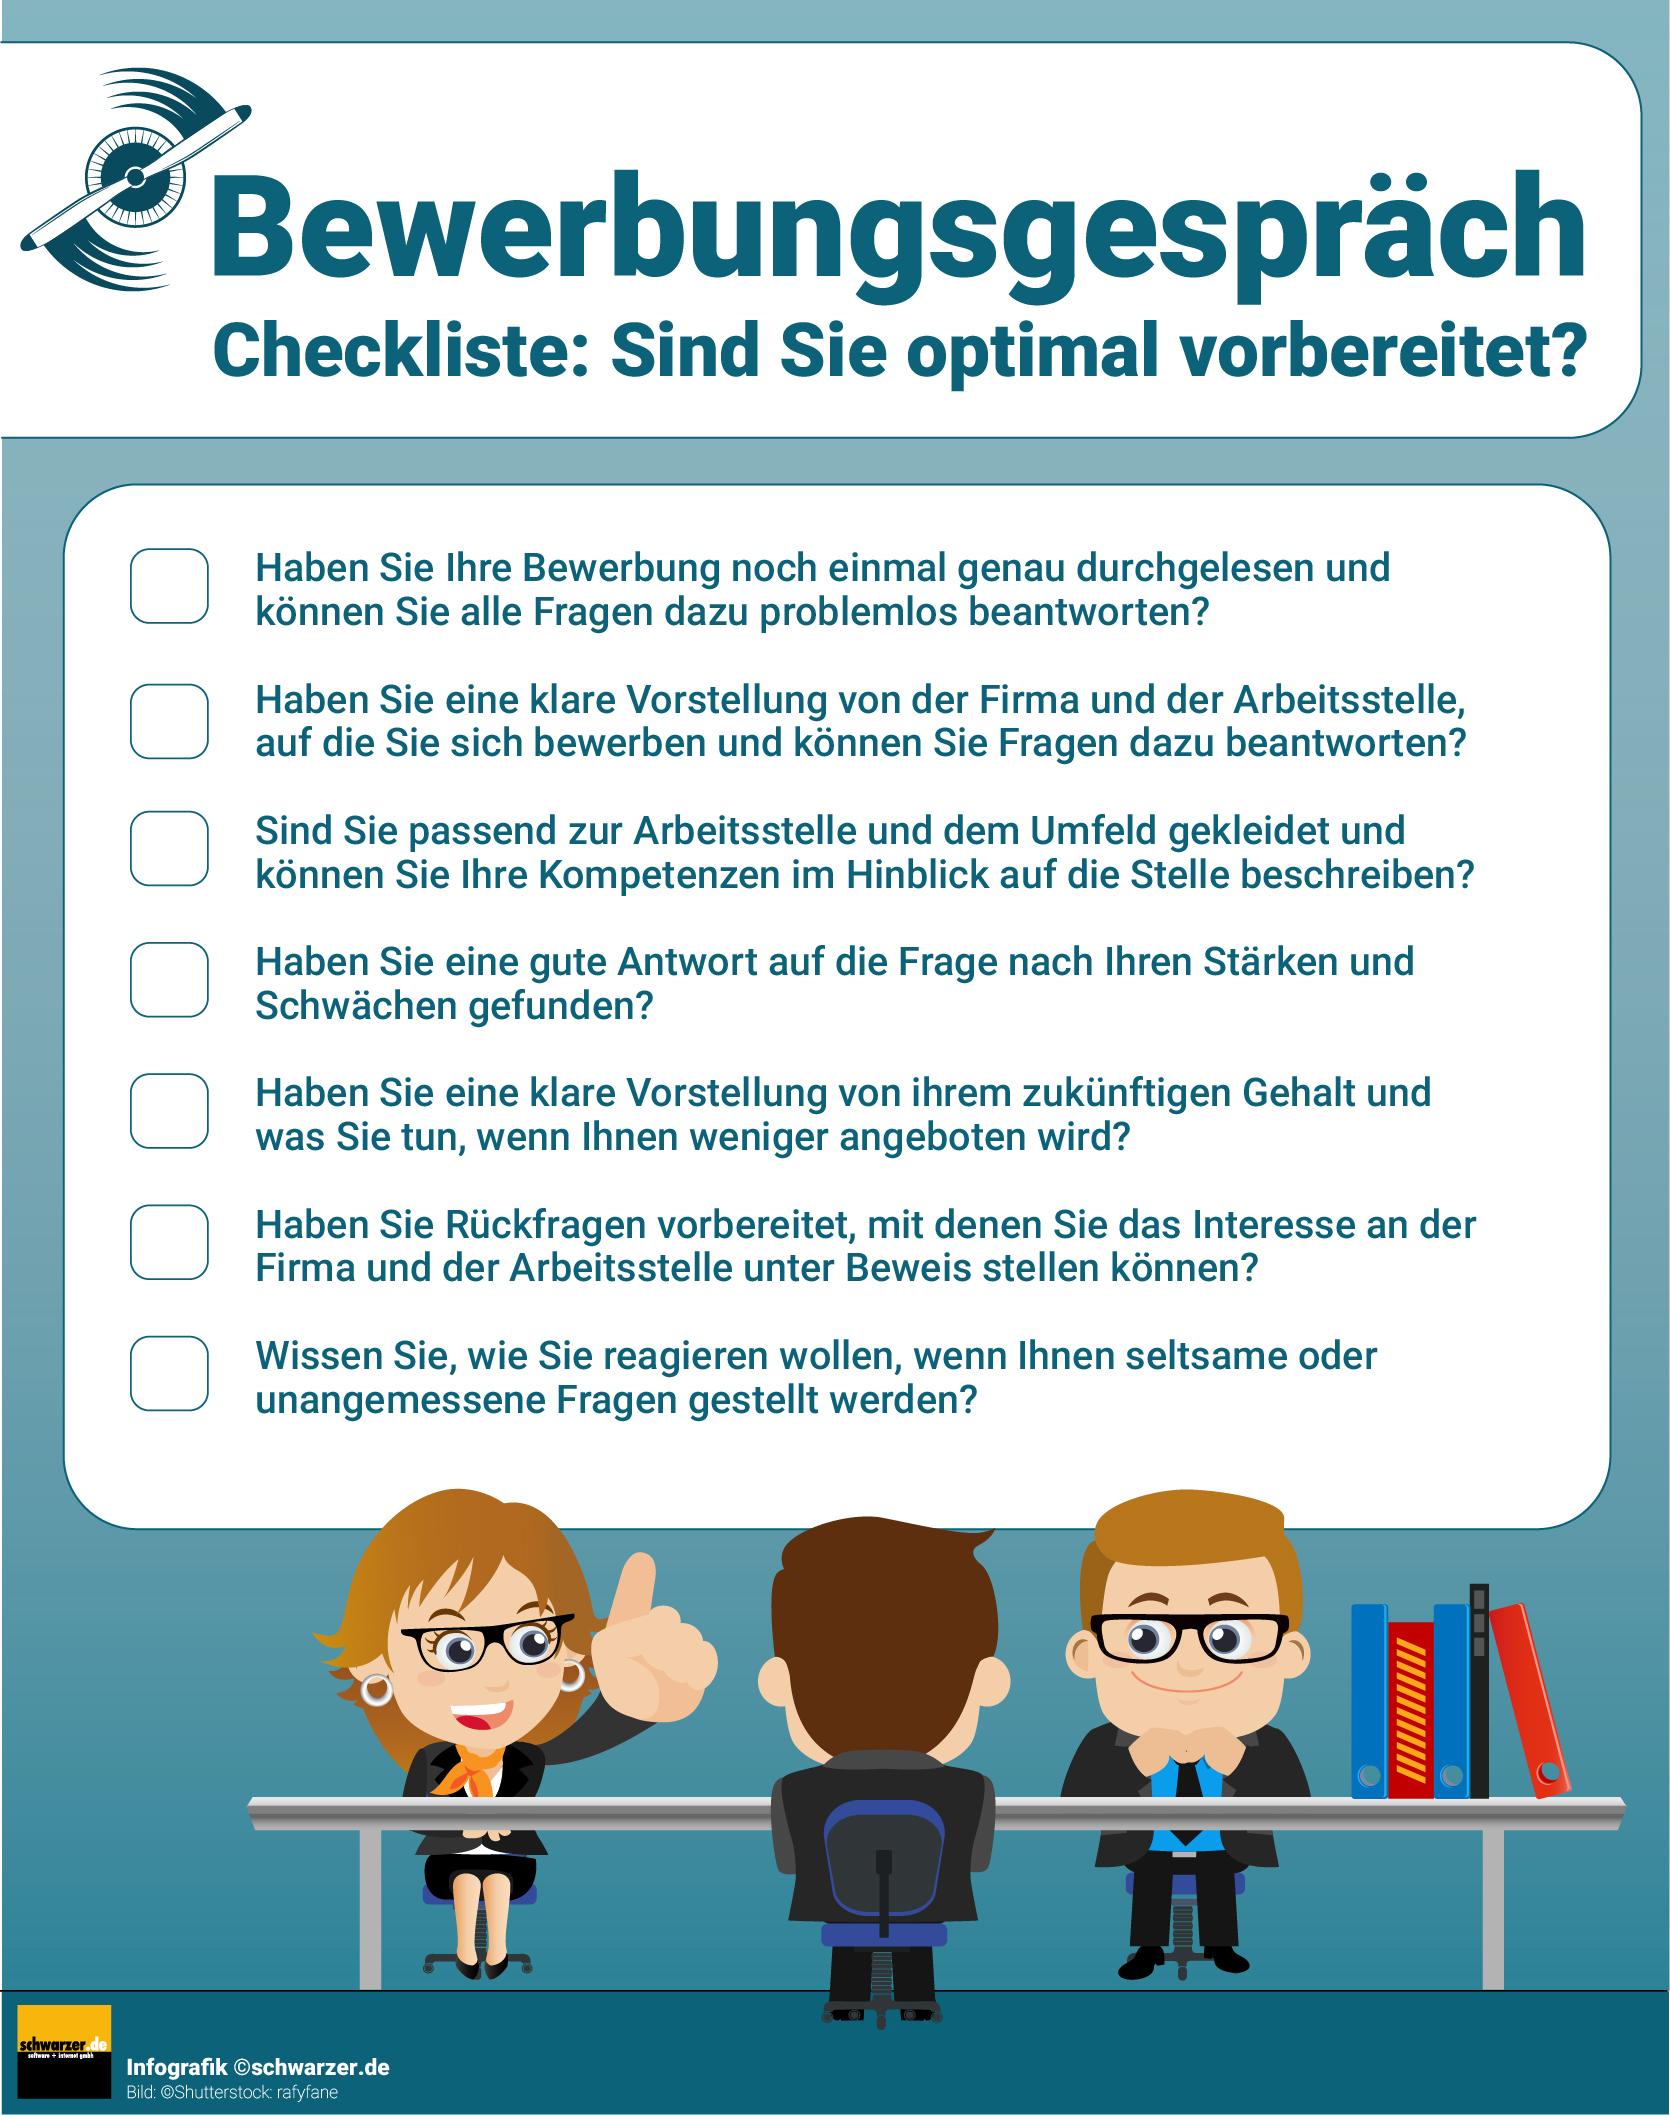 Infografik: Mit dieser Checkliste für Bewerbungsgespräche sind Sie optimal  vorbereitet.